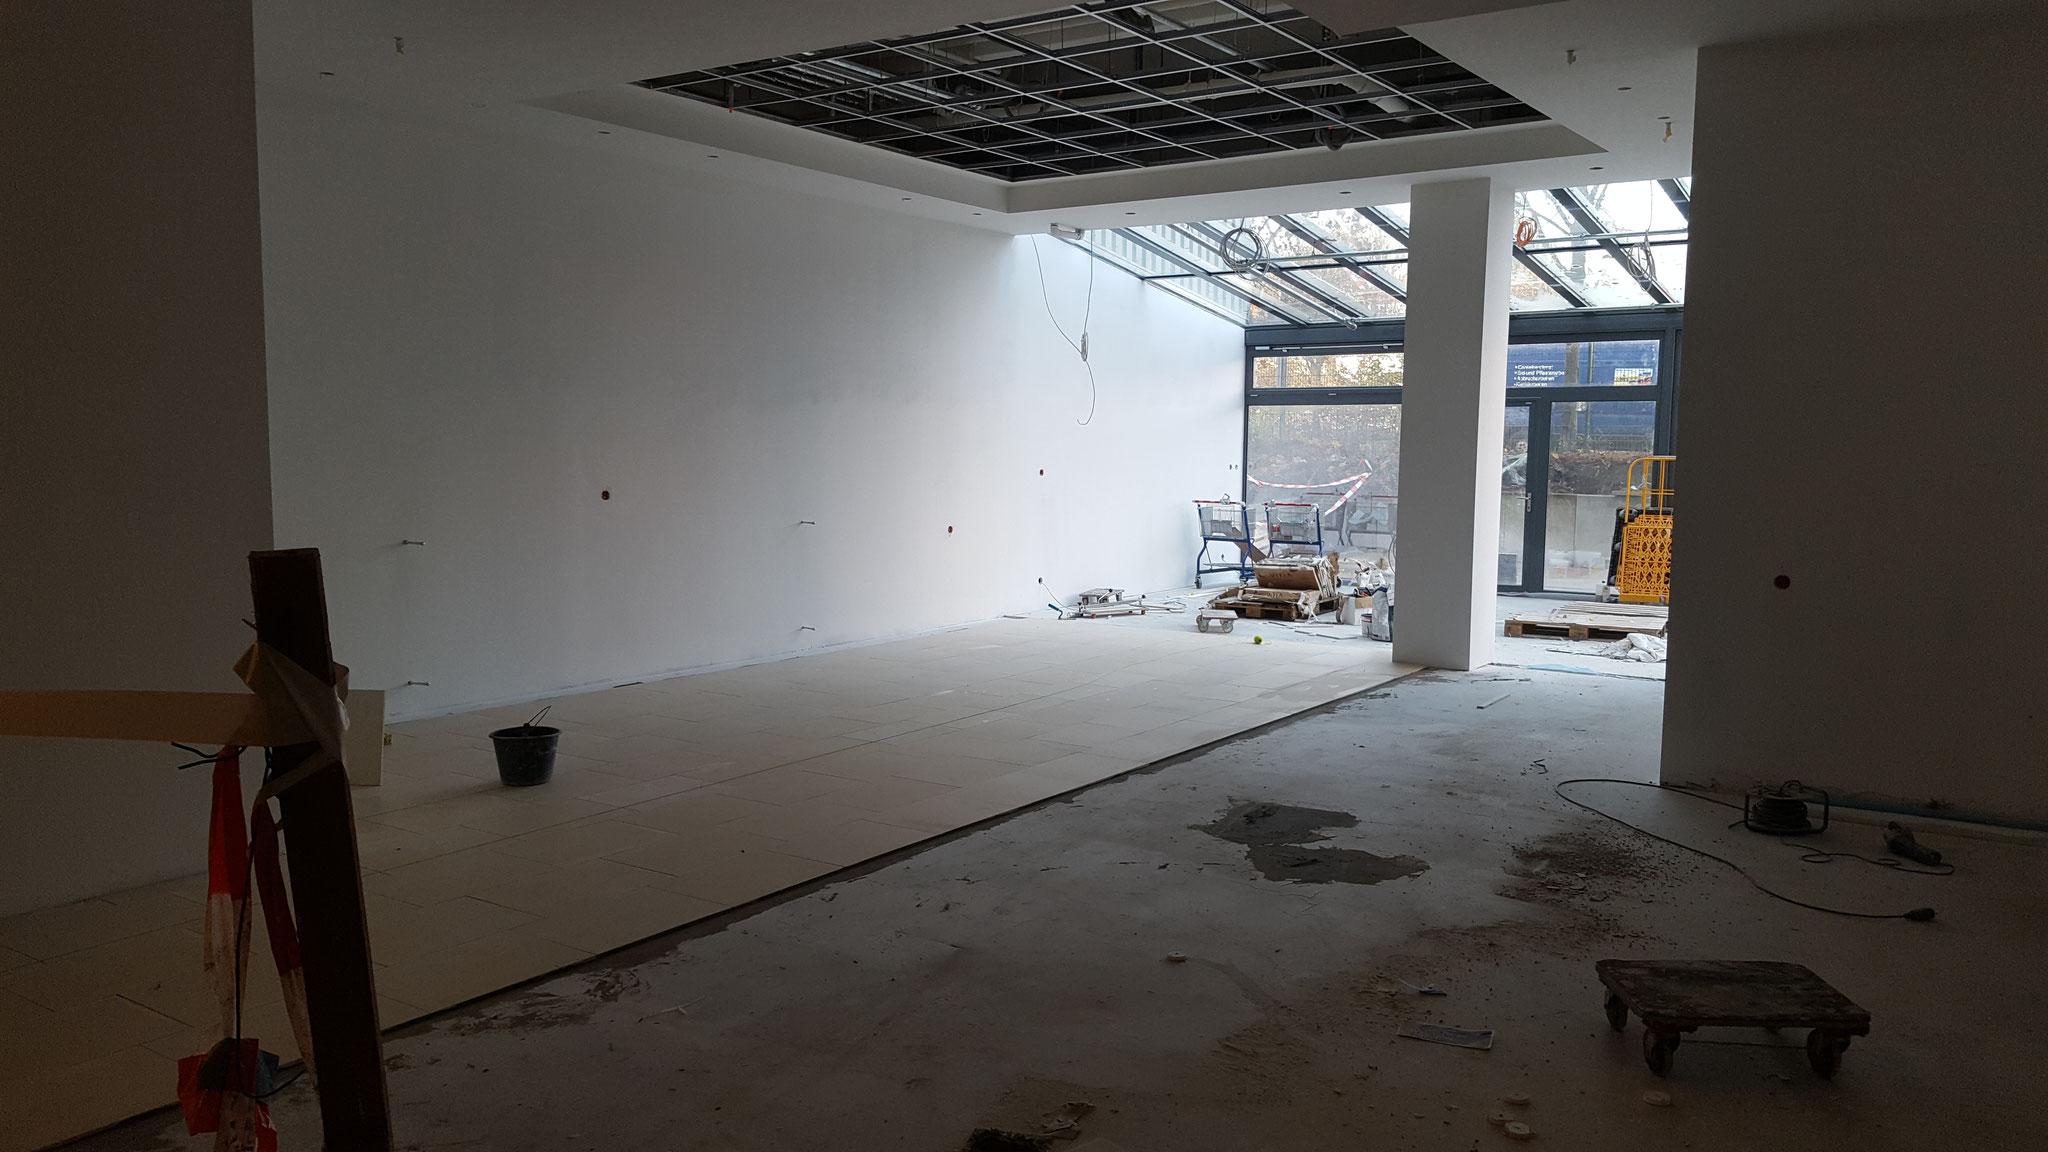 Umbauarbeiten, Verbrauchermarkt 5.500qm Verkaufsfläche